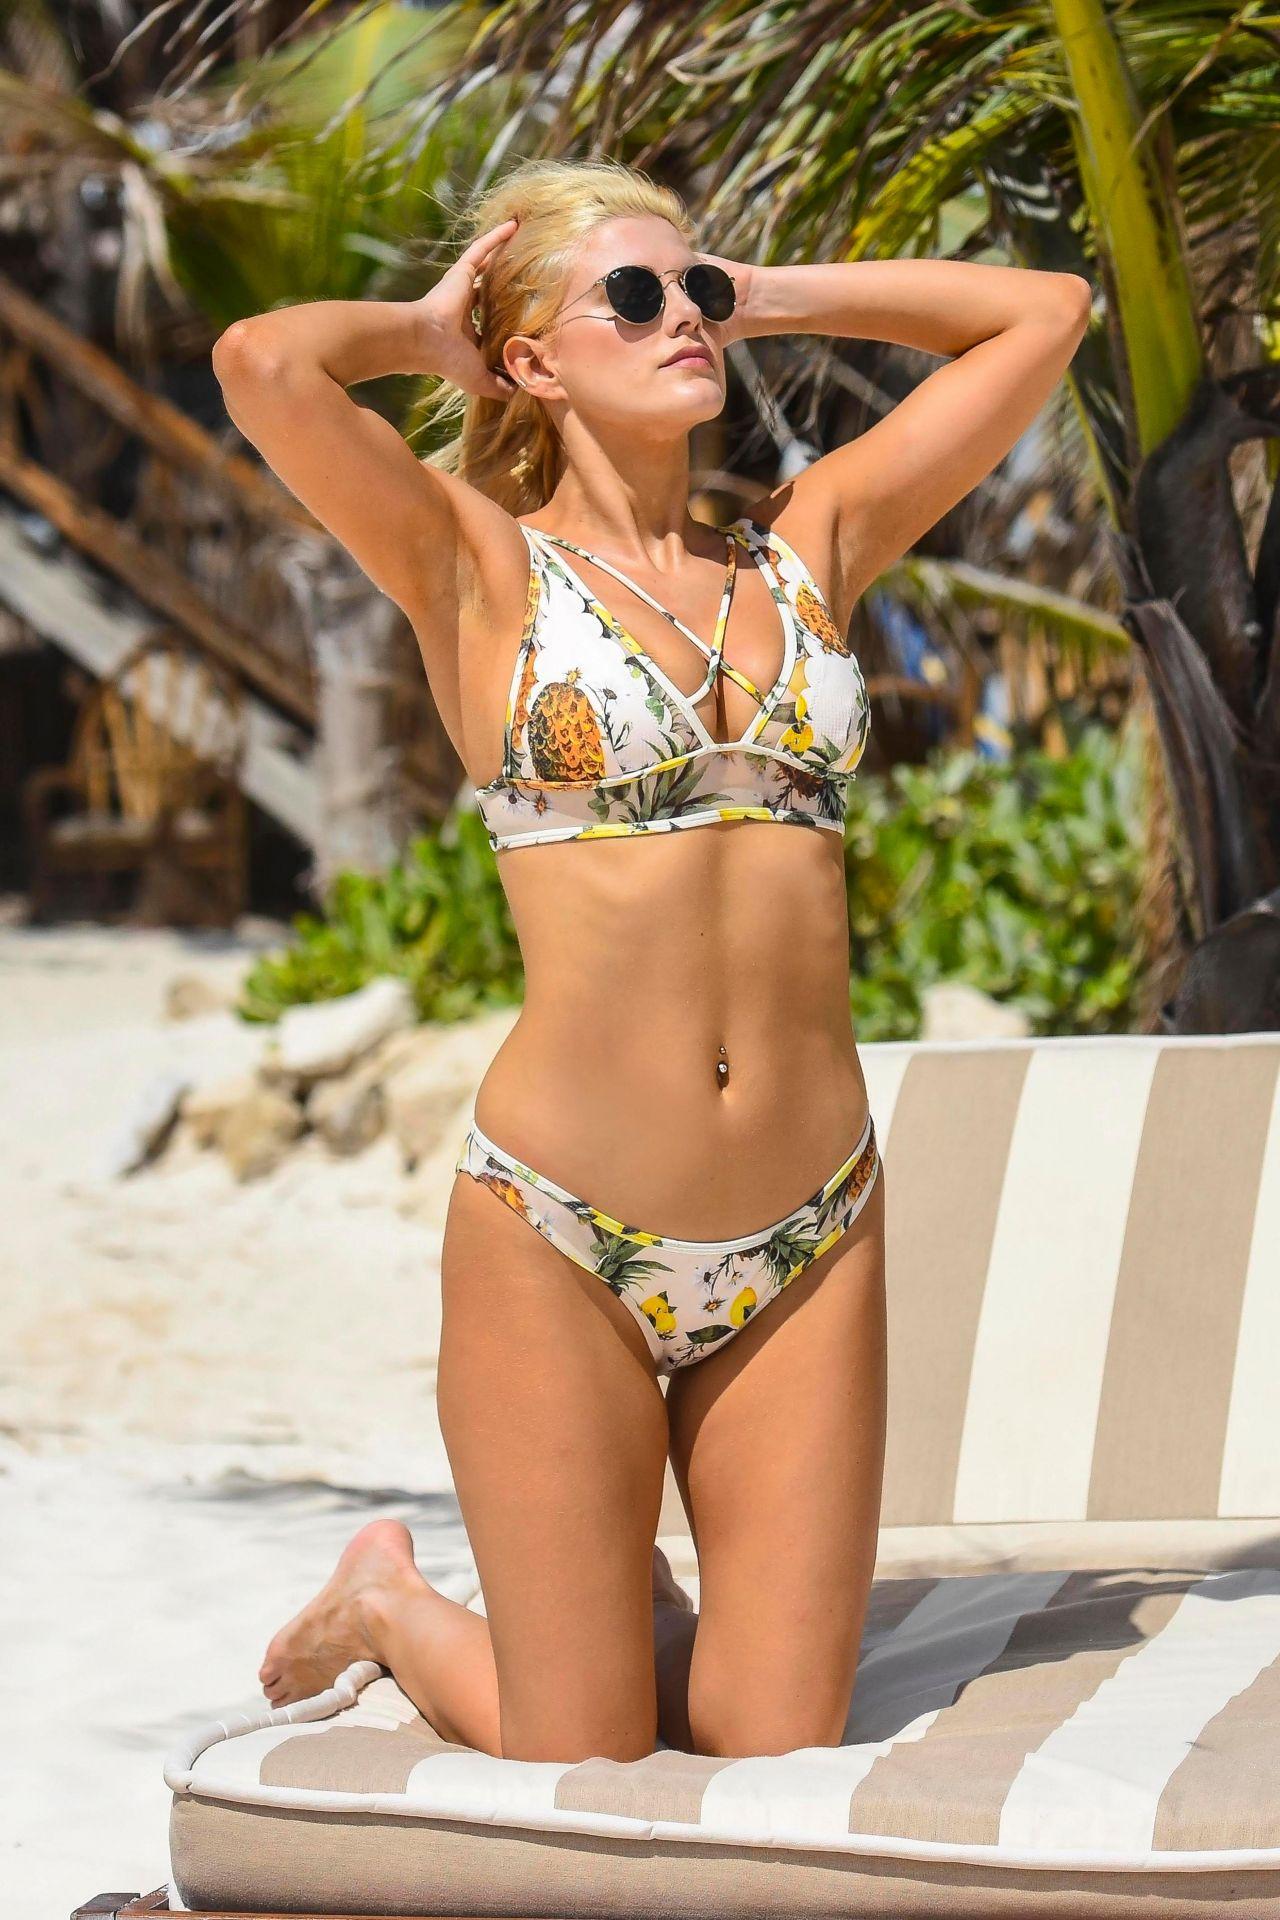 ashley-james-in-bikini-in-tulum-mexico-04-04-2018-3.jpg